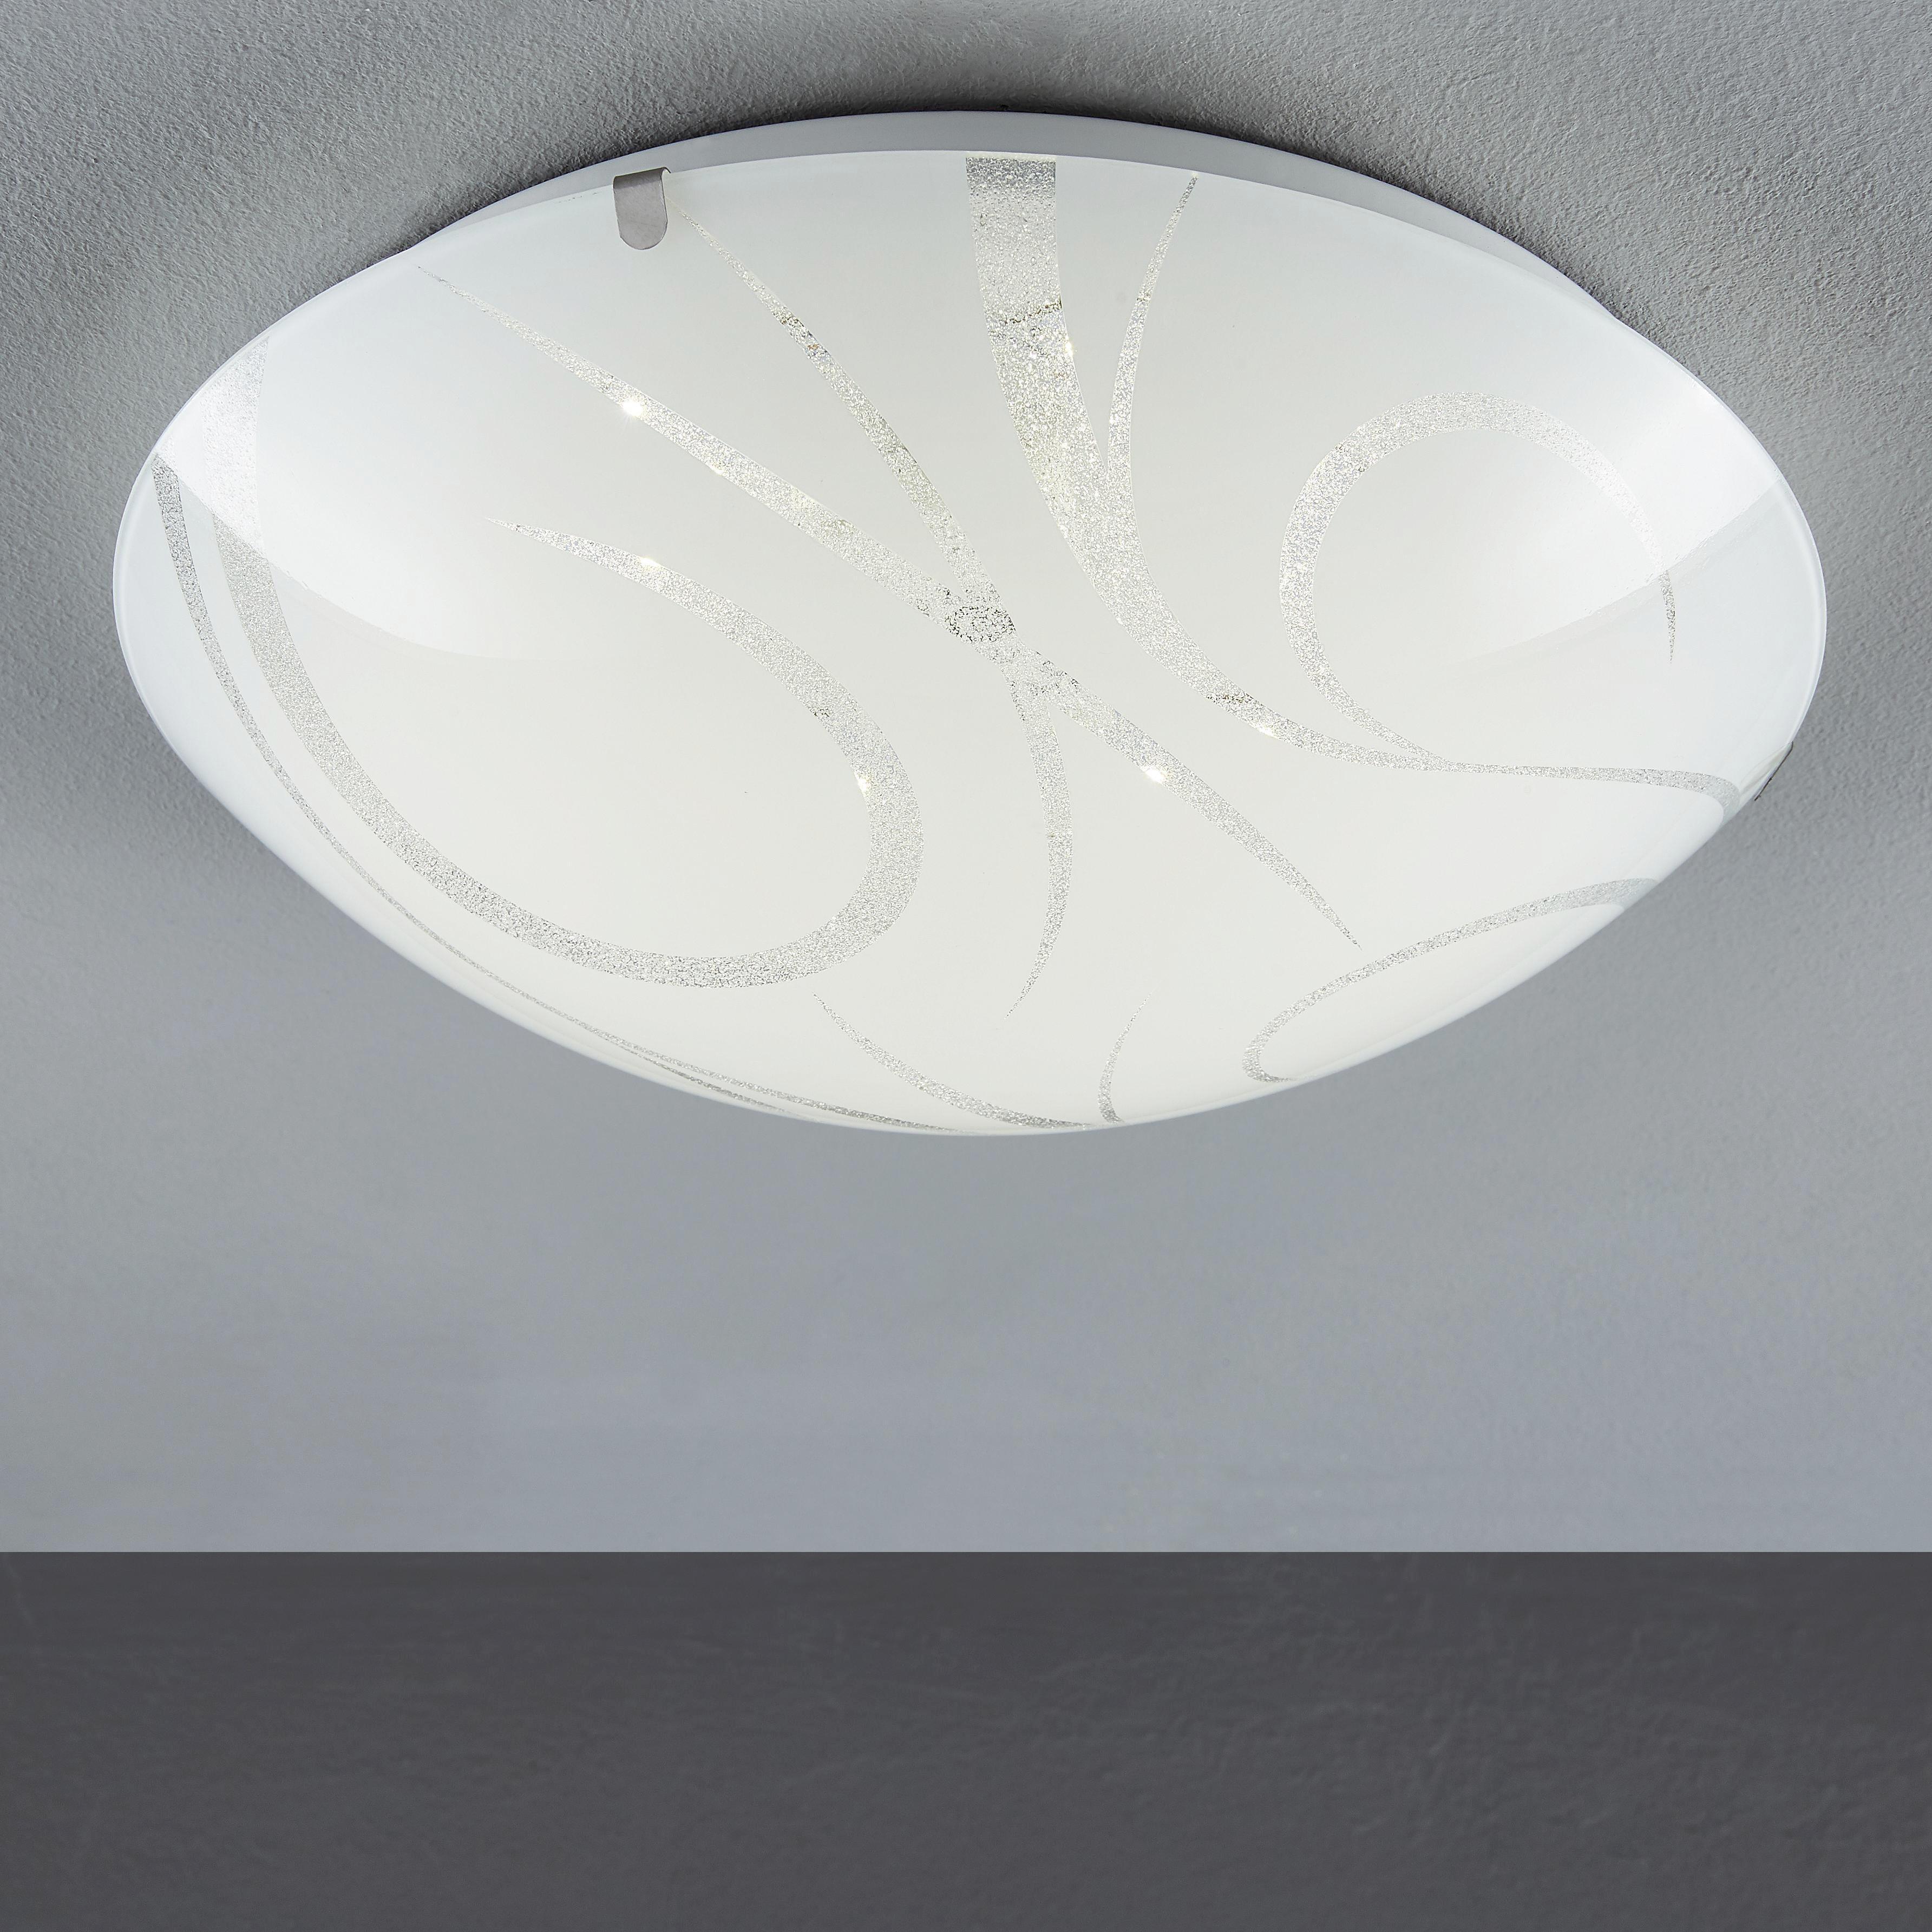 LED STROPNÍ SVÍTIDLO - bílá, Basics, sklo (30cm) - BOXXX